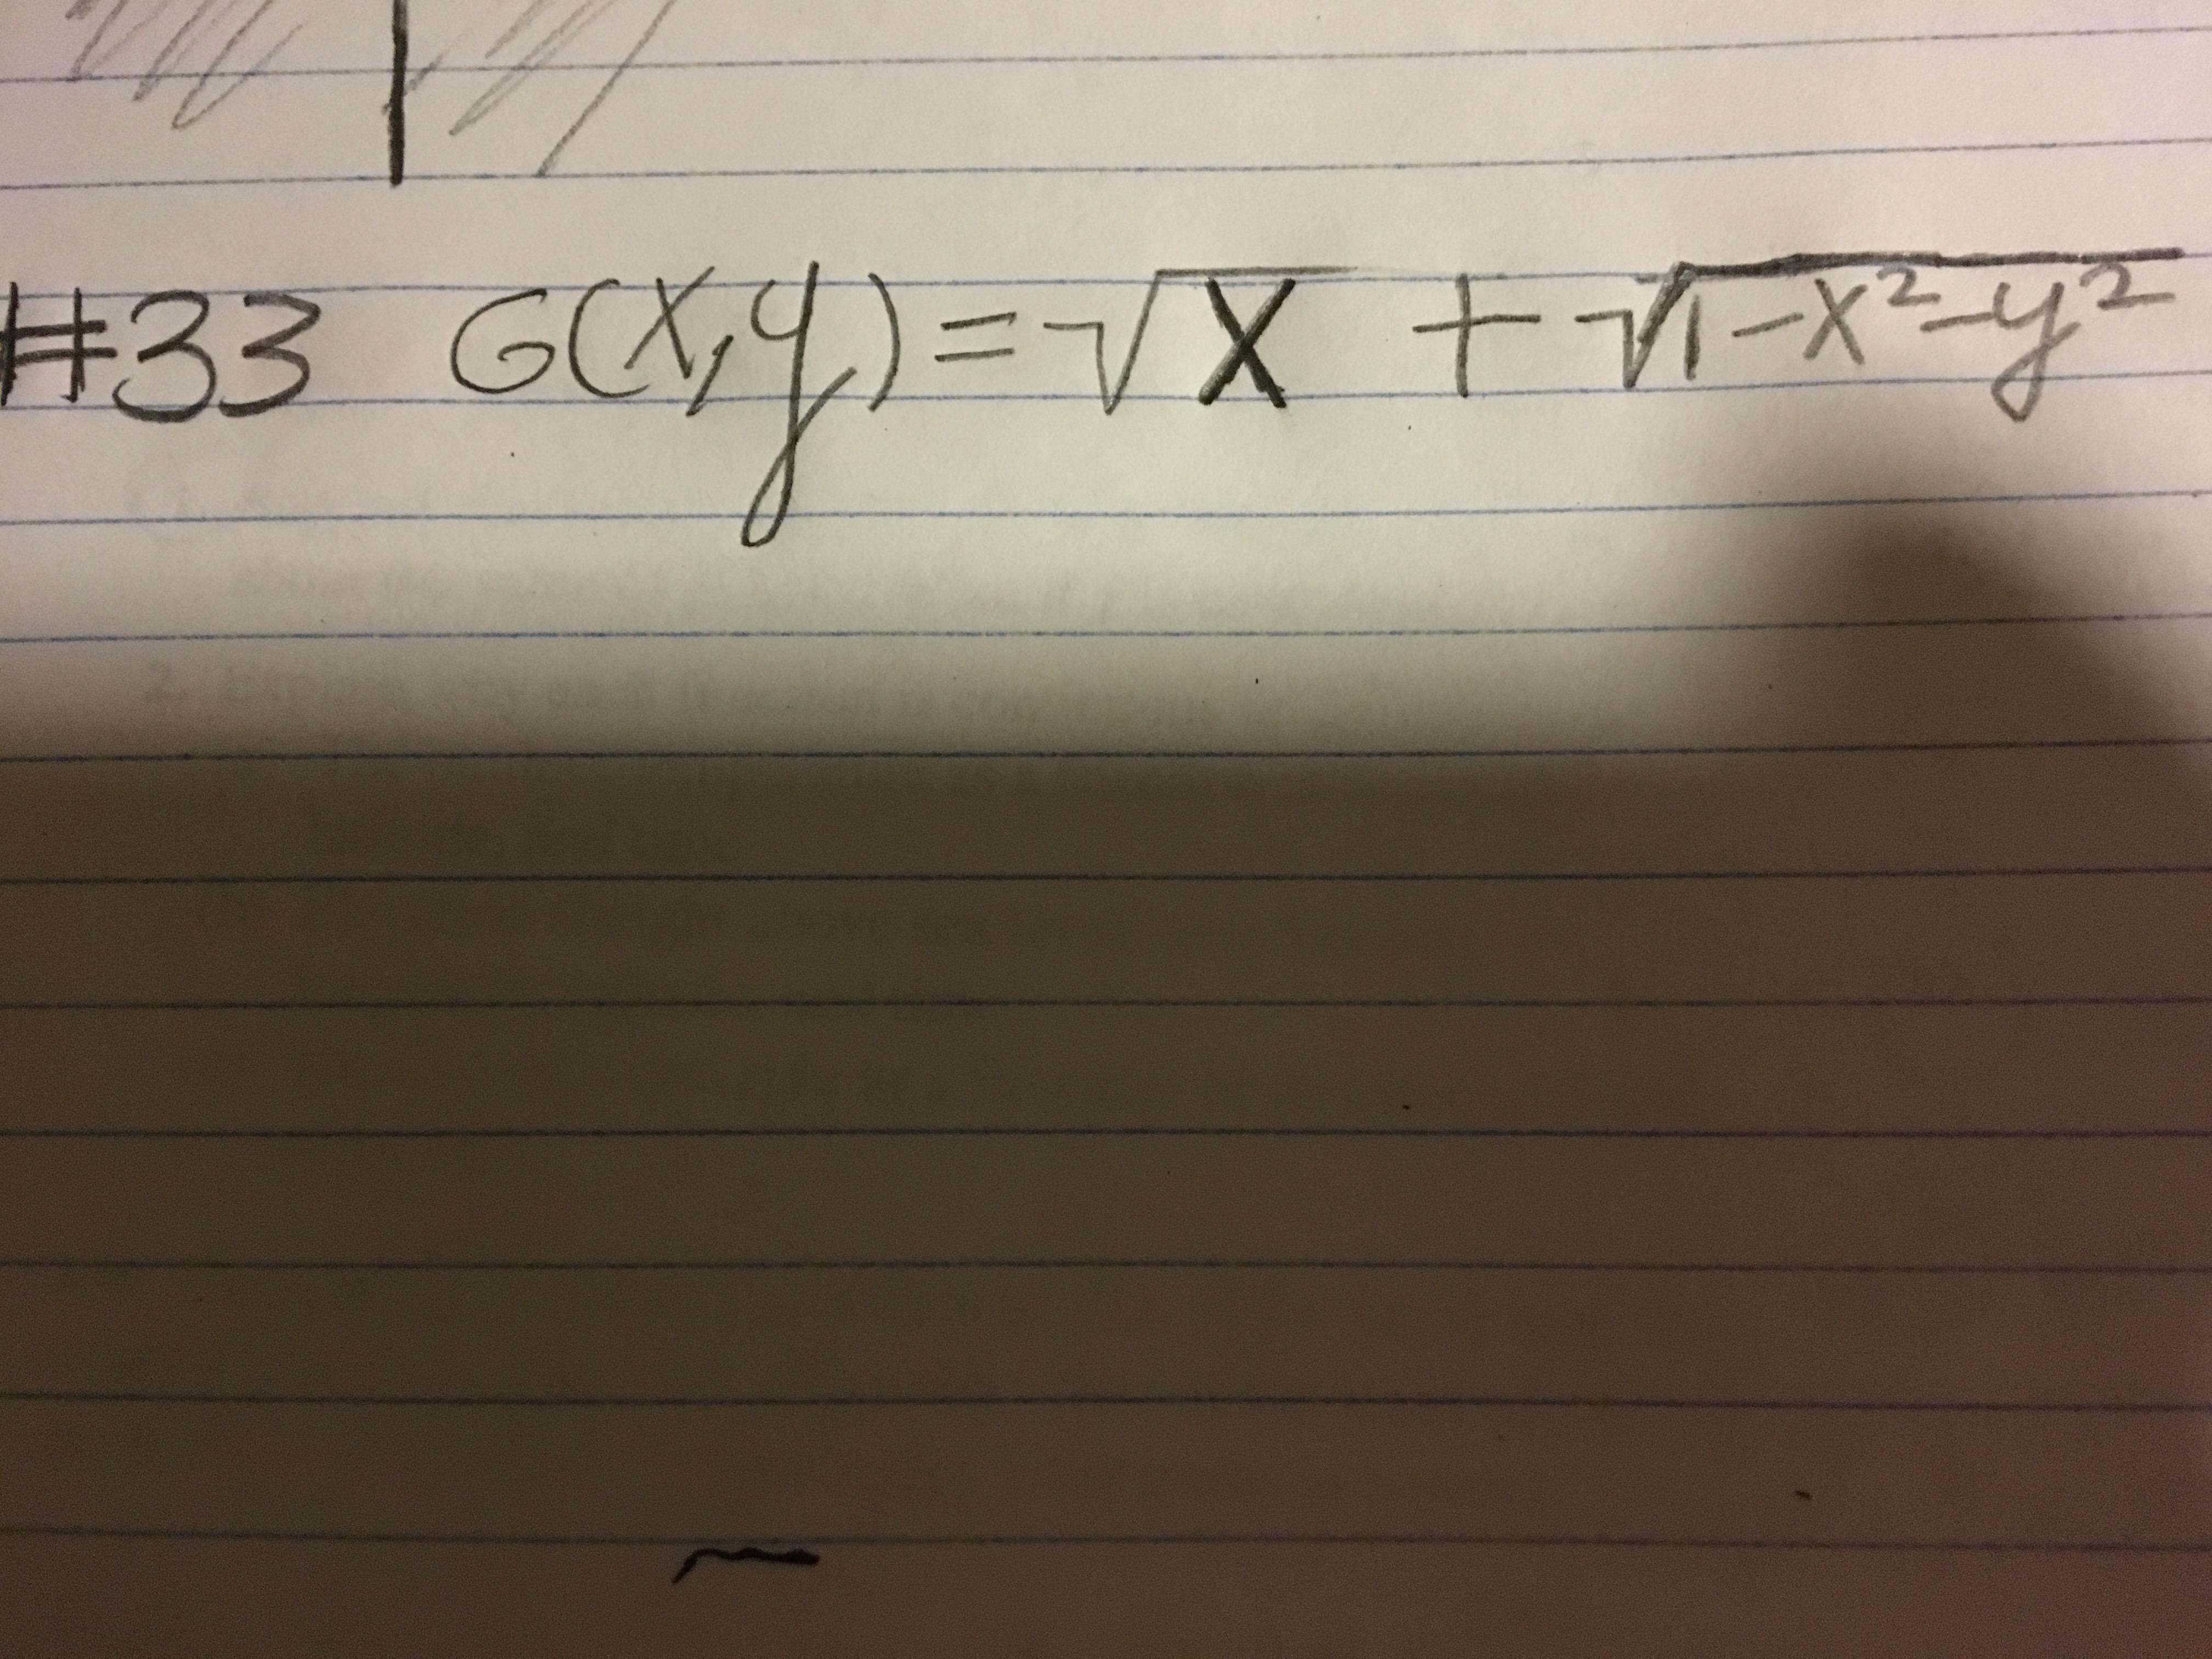 raX t XL=C H33